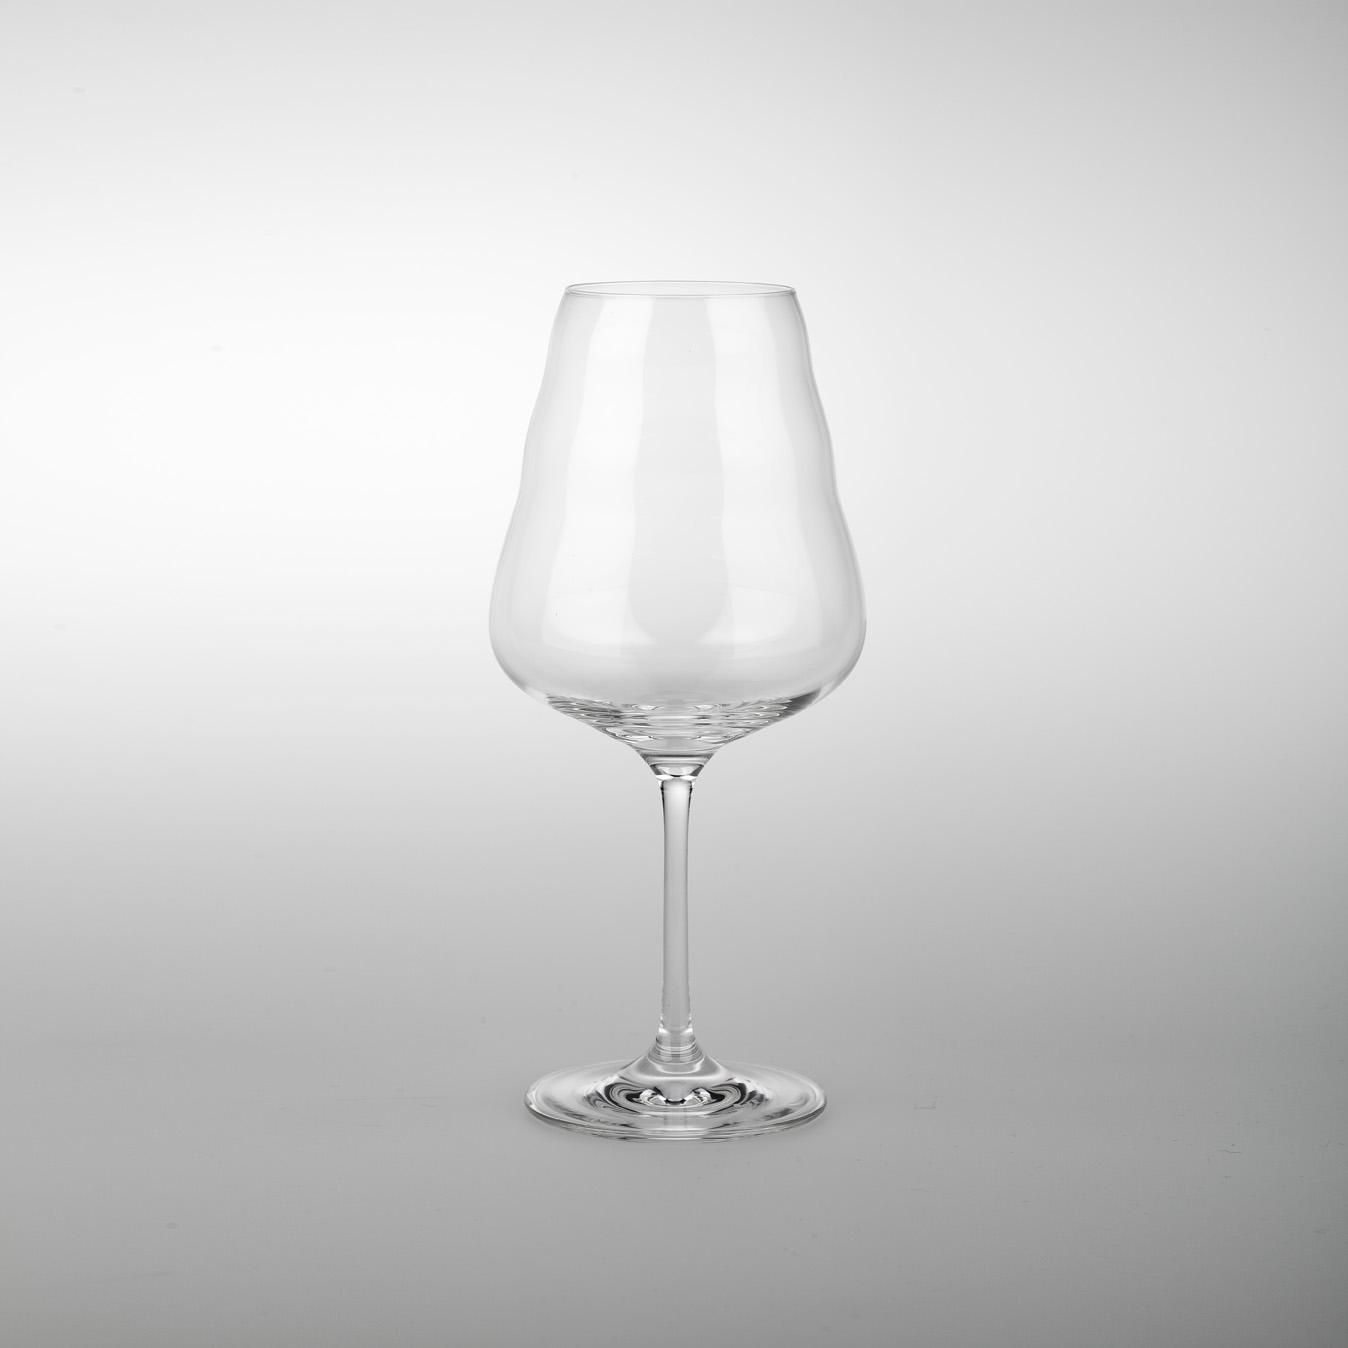 Sklenice na víno 0,5 l - s kvetem zivota (ručně vyráběné vyráběné)